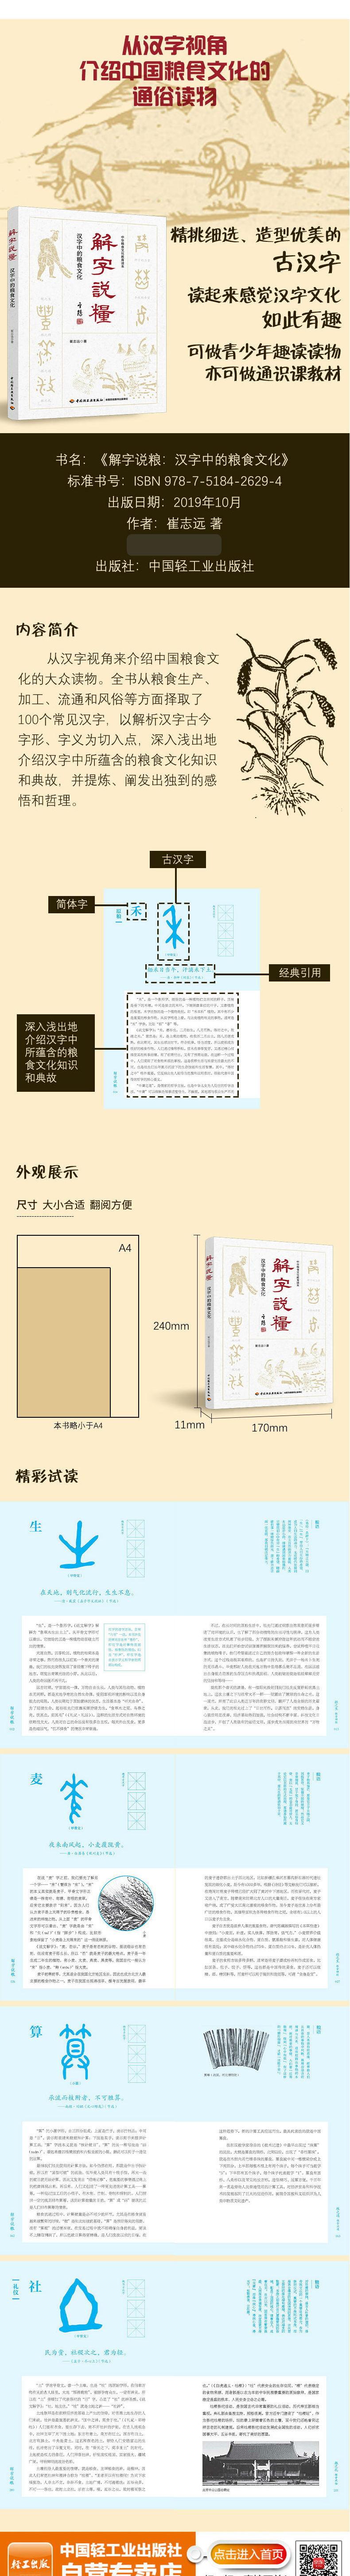 解字説糧 漢字中的粮食文化-中華粮食文化教育読本